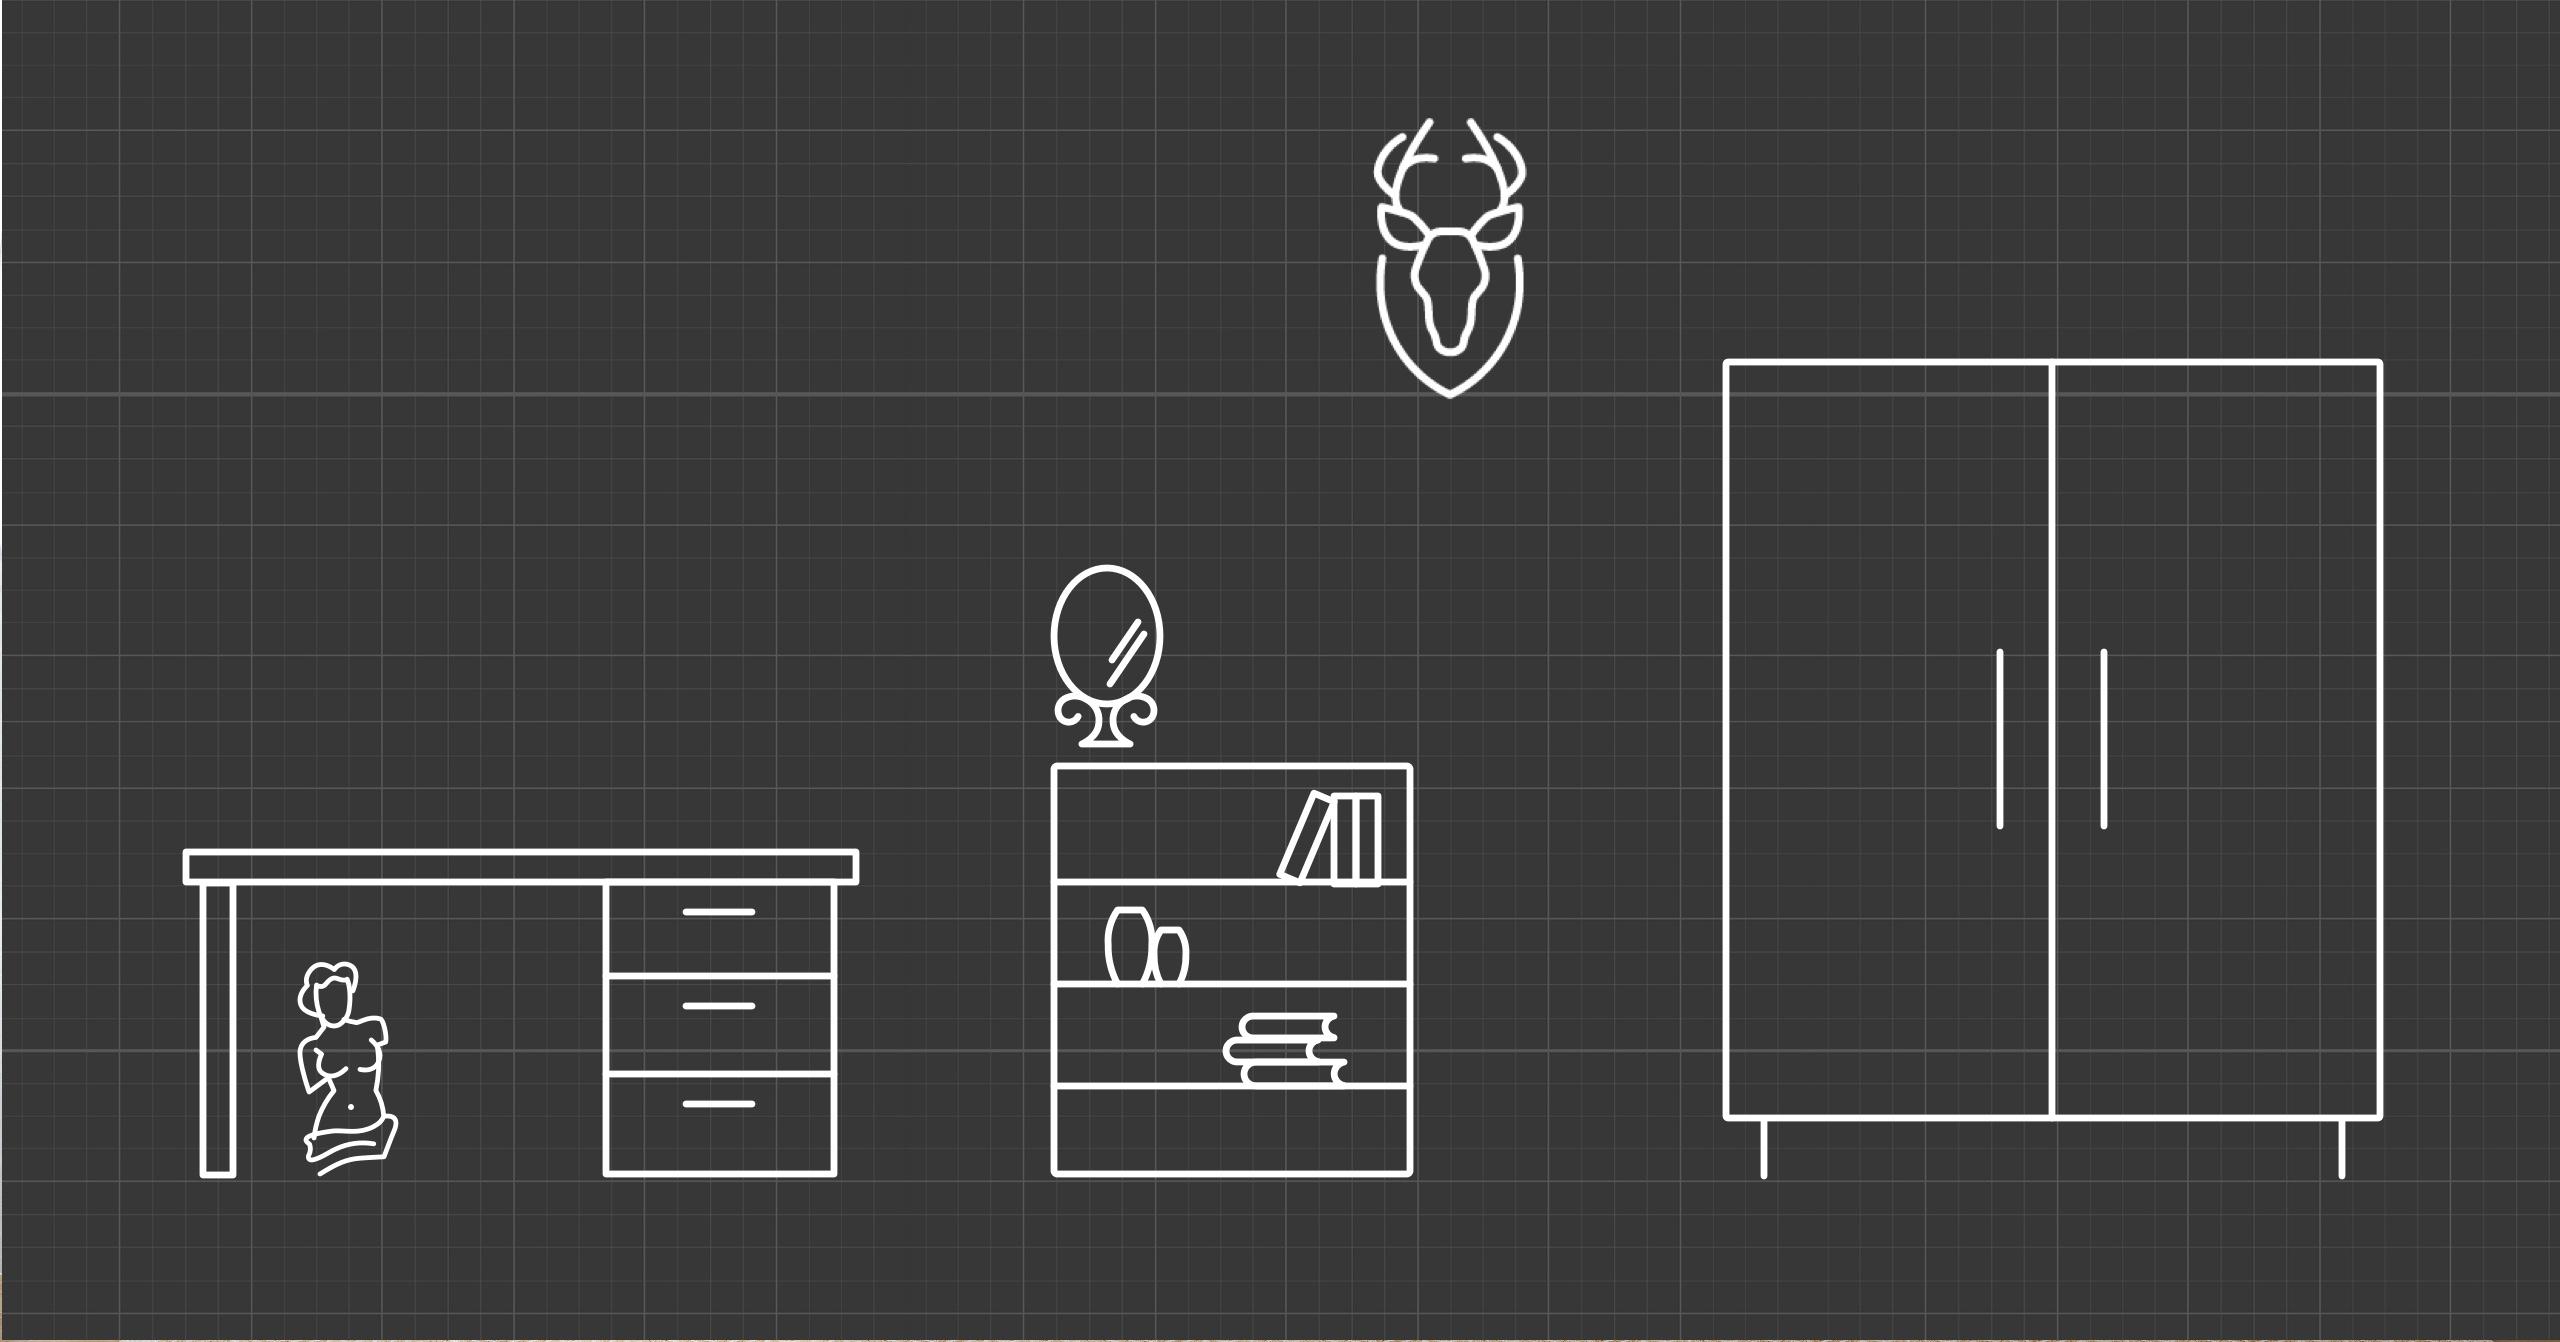 Icons for Raumbild — Litvinsky Studio